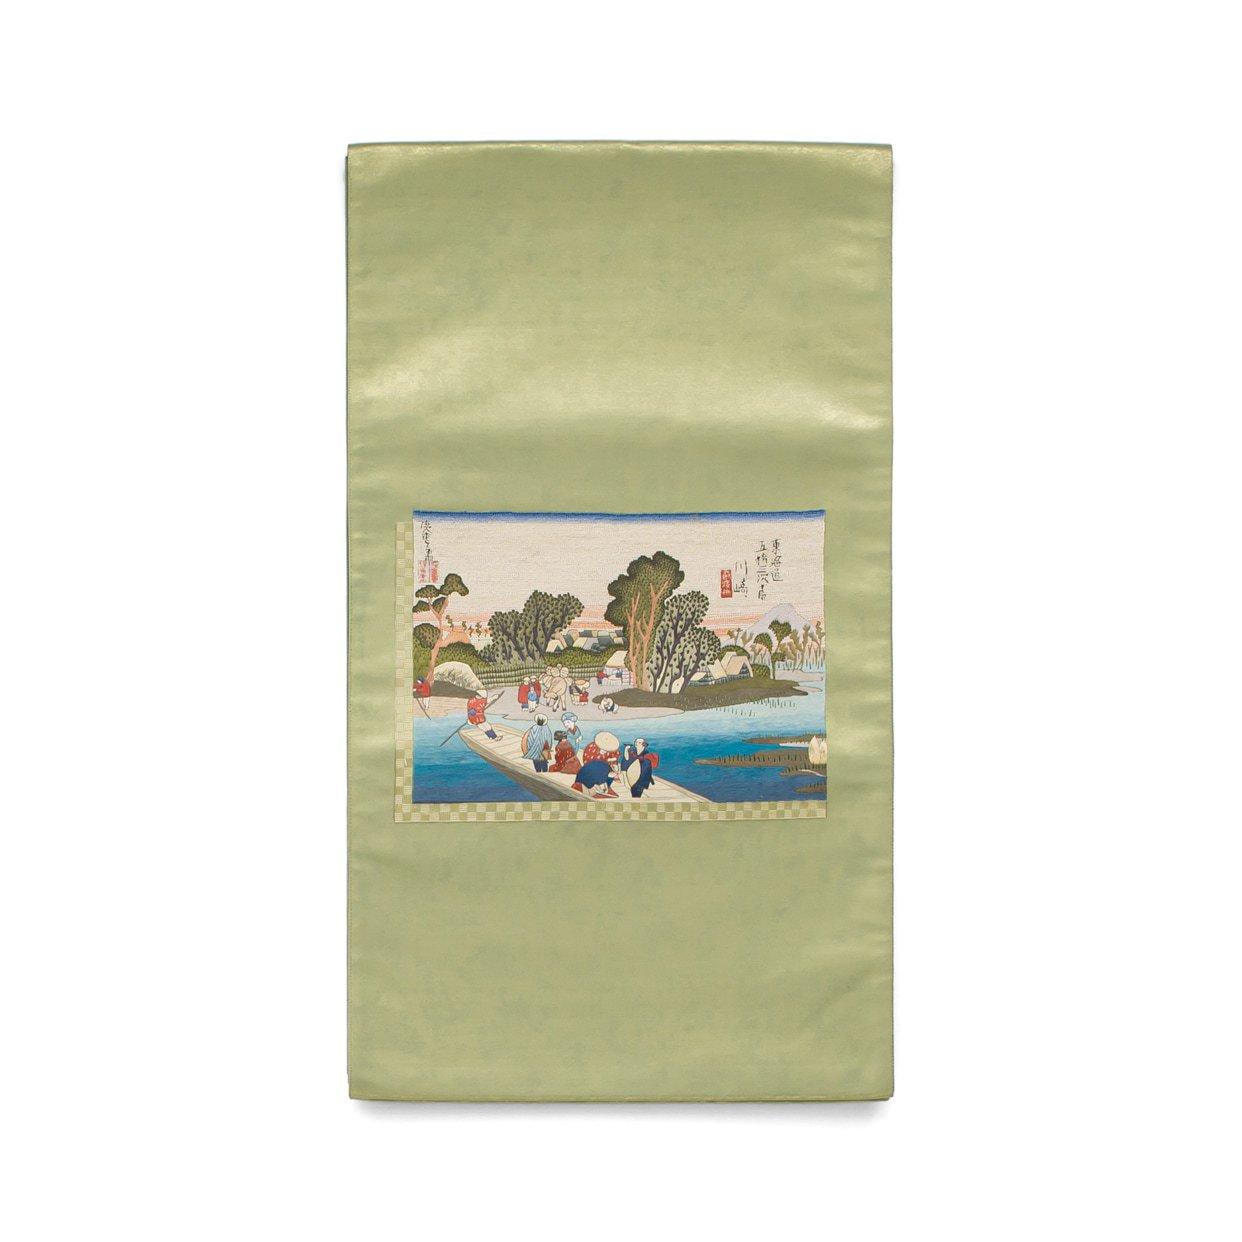 「袋帯●東海道五十三次 川崎宿」の商品画像